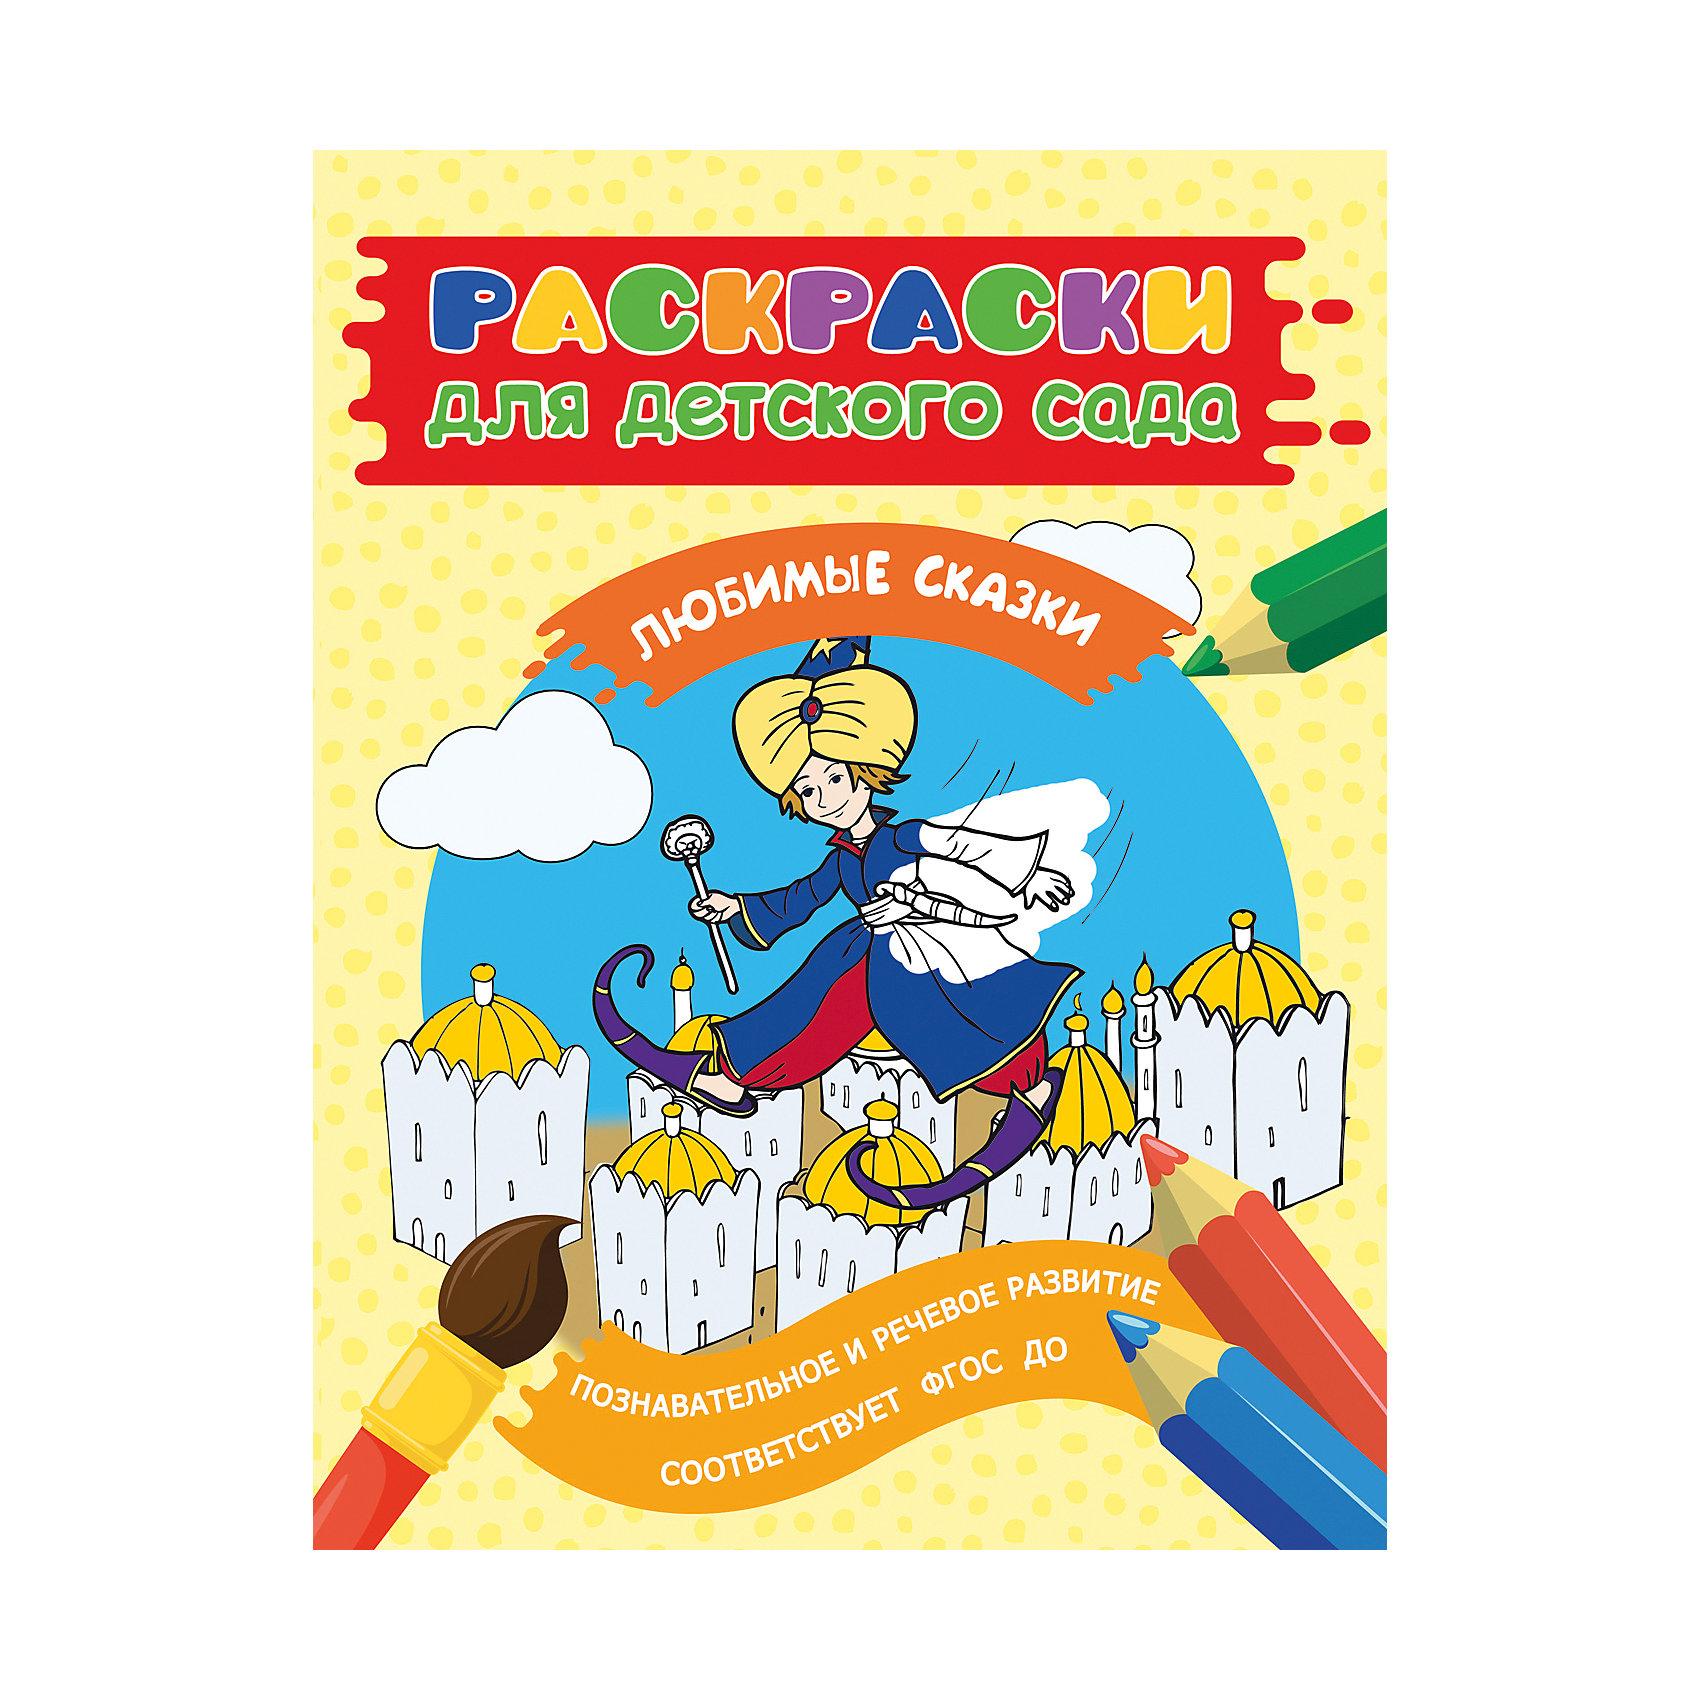 Раскраска Любимые сказкиРисование<br>Тематические раскраски для детского сада - это специальная серия, которую можно использовать как в группах детского сада, так и для самостоятельных занятий с ребенком дома.&#13;<br>Каждая развивающая тетрадь-раскраска посвящена одной их основных познавательных тем, изучаемых в детском саду.&#13;<br>На каждой странице предлагаются развивающие вопросы, которые мама или педагог могут задать ребенку, пока он занимается раскрашиванием.&#13;<br>Знакомство с изображениями и ответы на вопросы помогут развить ребенка в основных образовательных областях:&#13;<br>- Социально-коммуникативное развитие&#13;<br>- Познавательное развитие&#13;<br>- Речевое развитие&#13;<br>- Художественно-эстетическое развитие<br><br>Ширина мм: 274<br>Глубина мм: 212<br>Высота мм: 30<br>Вес г: 130<br>Возраст от месяцев: -2147483648<br>Возраст до месяцев: 2147483647<br>Пол: Унисекс<br>Возраст: Детский<br>SKU: 5453637